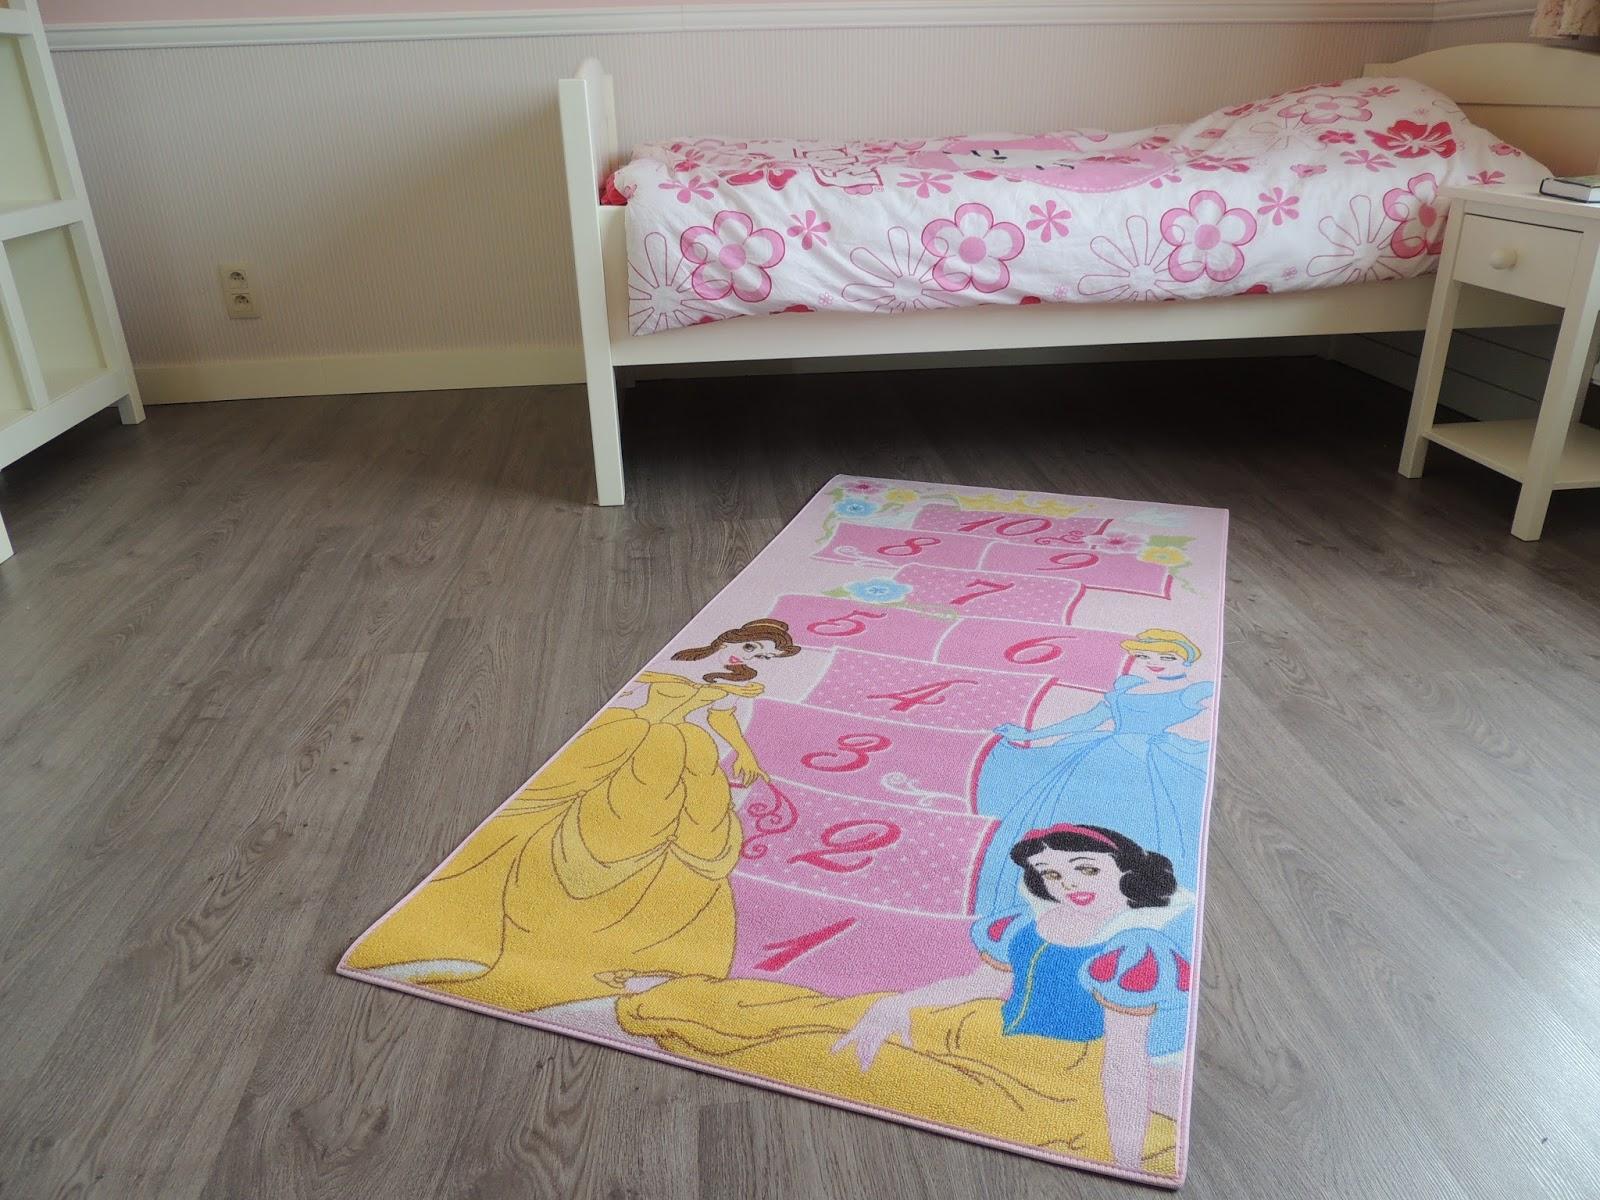 ... - Vloerkleden prinsessen voor meisjeskamer - Roze vloerkleed meisjes